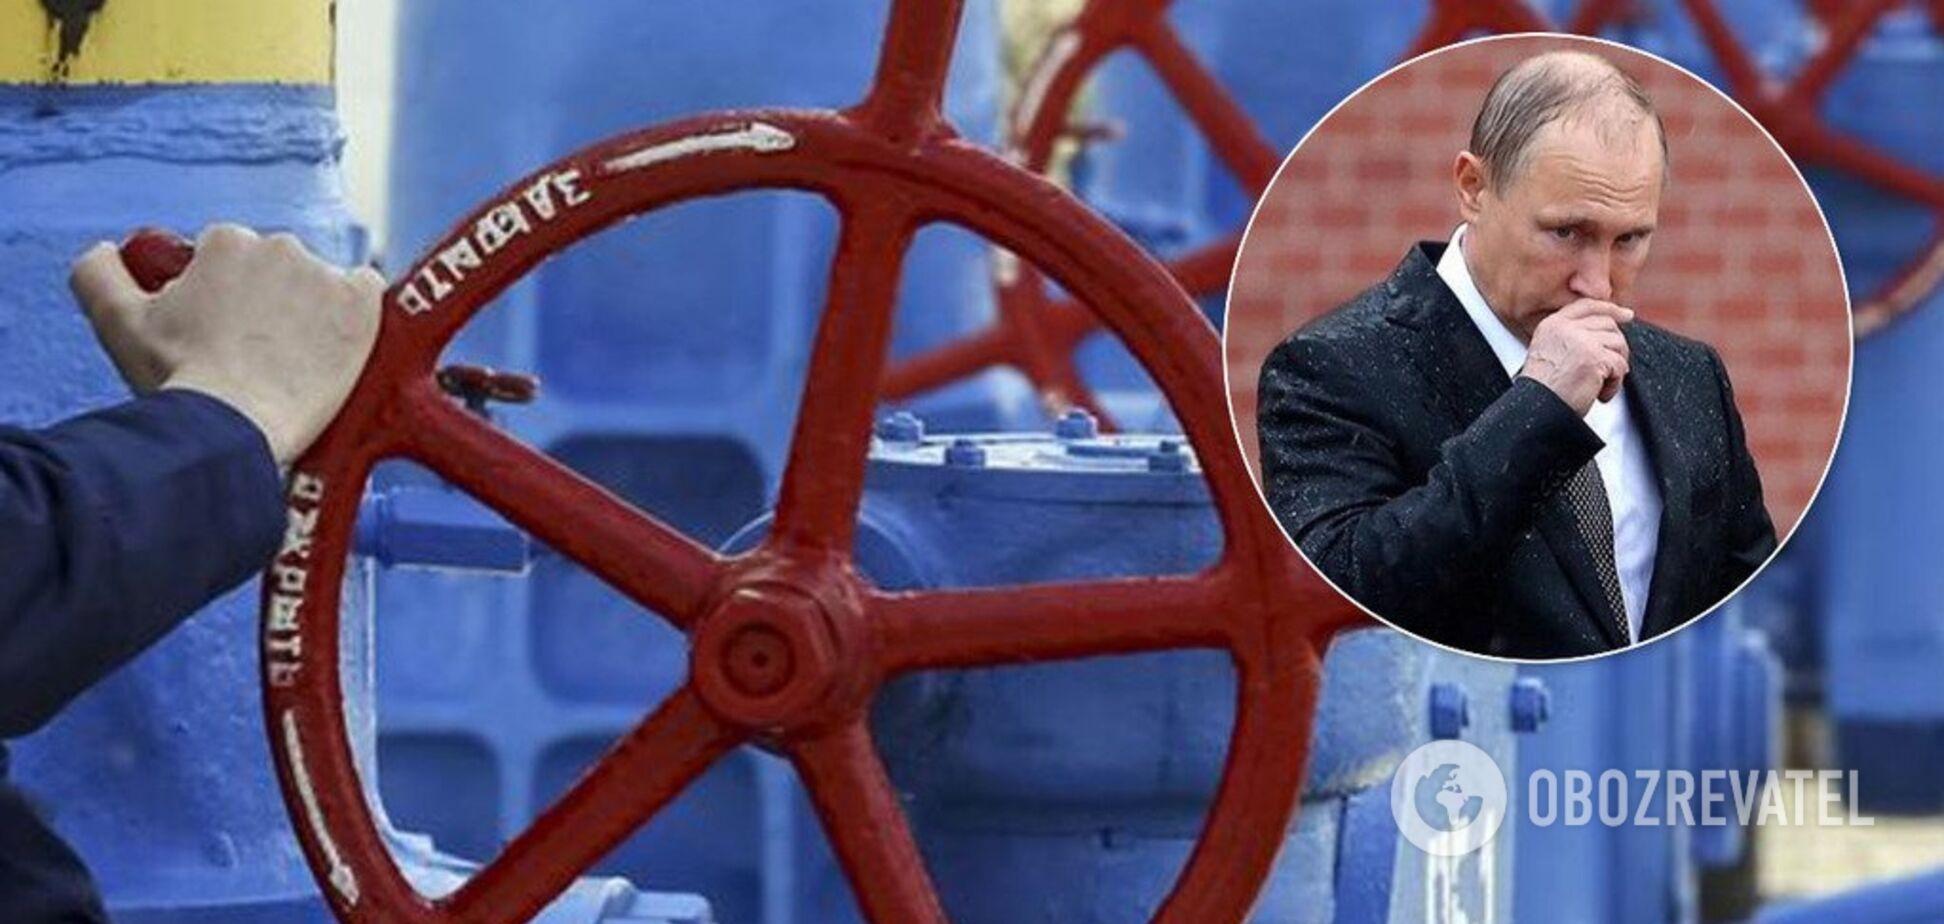 Цель – наказать Украину: российский эксперт раскусил затею Путина с 'Турецким потоком'